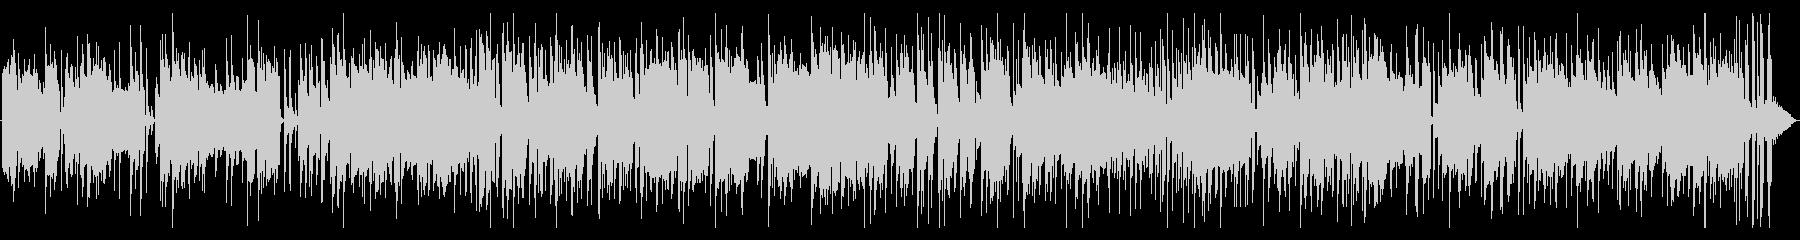 ファンクなフュージョン系ピアノポップの未再生の波形